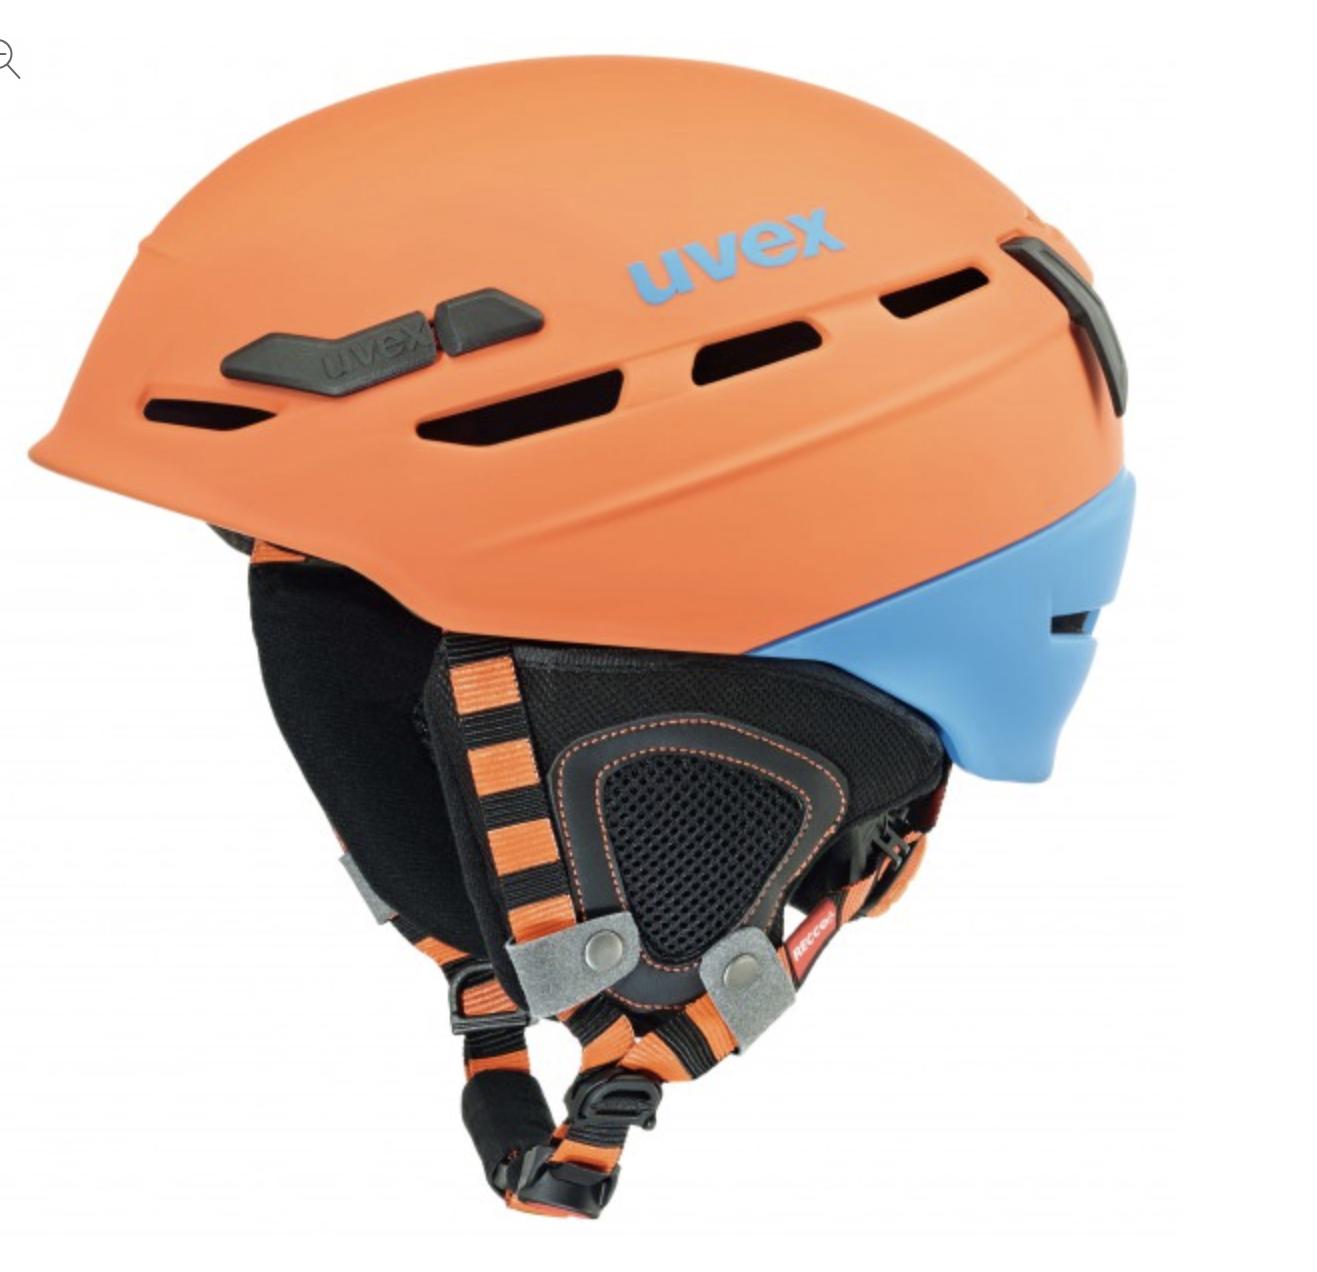 casco UVEX modello p8000 tour arancio